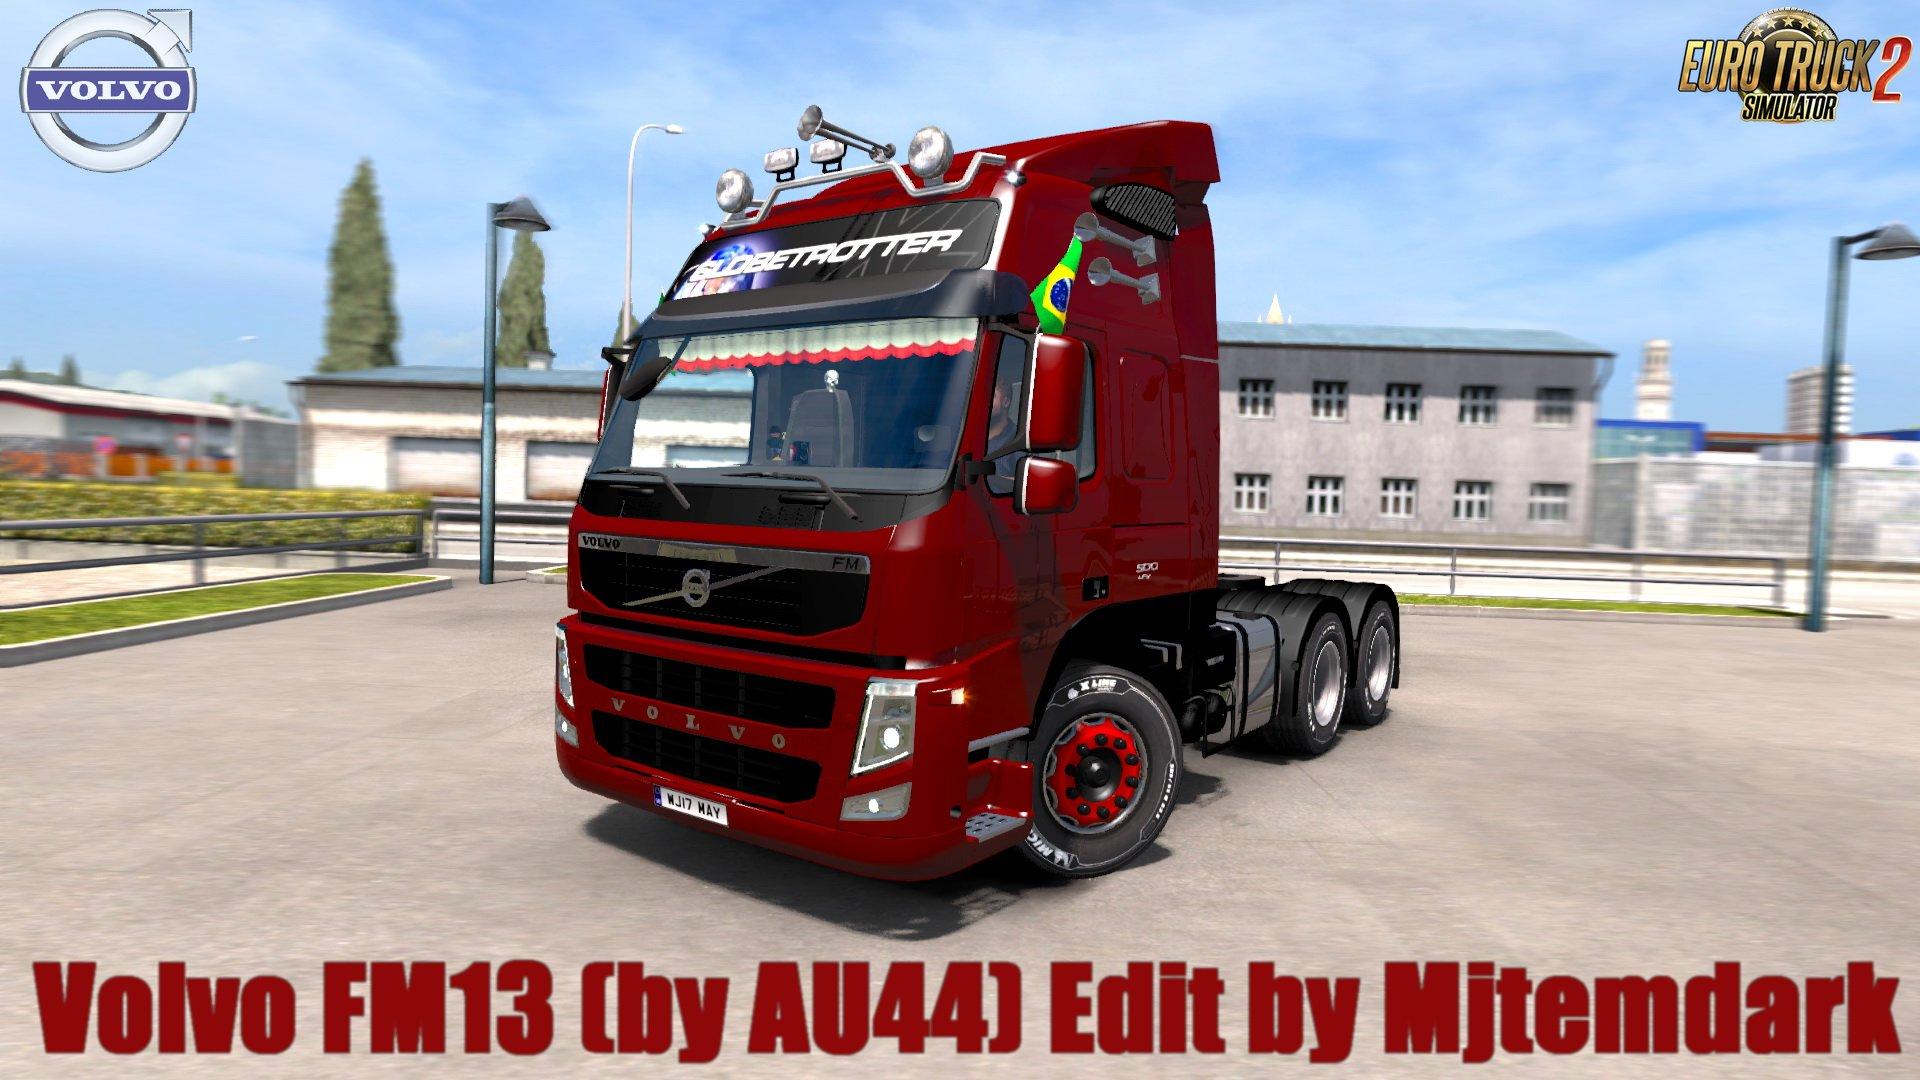 Volvo FM13 2009 (by AU44) v4.7 Edit by Mjtemdark (1.36.x)